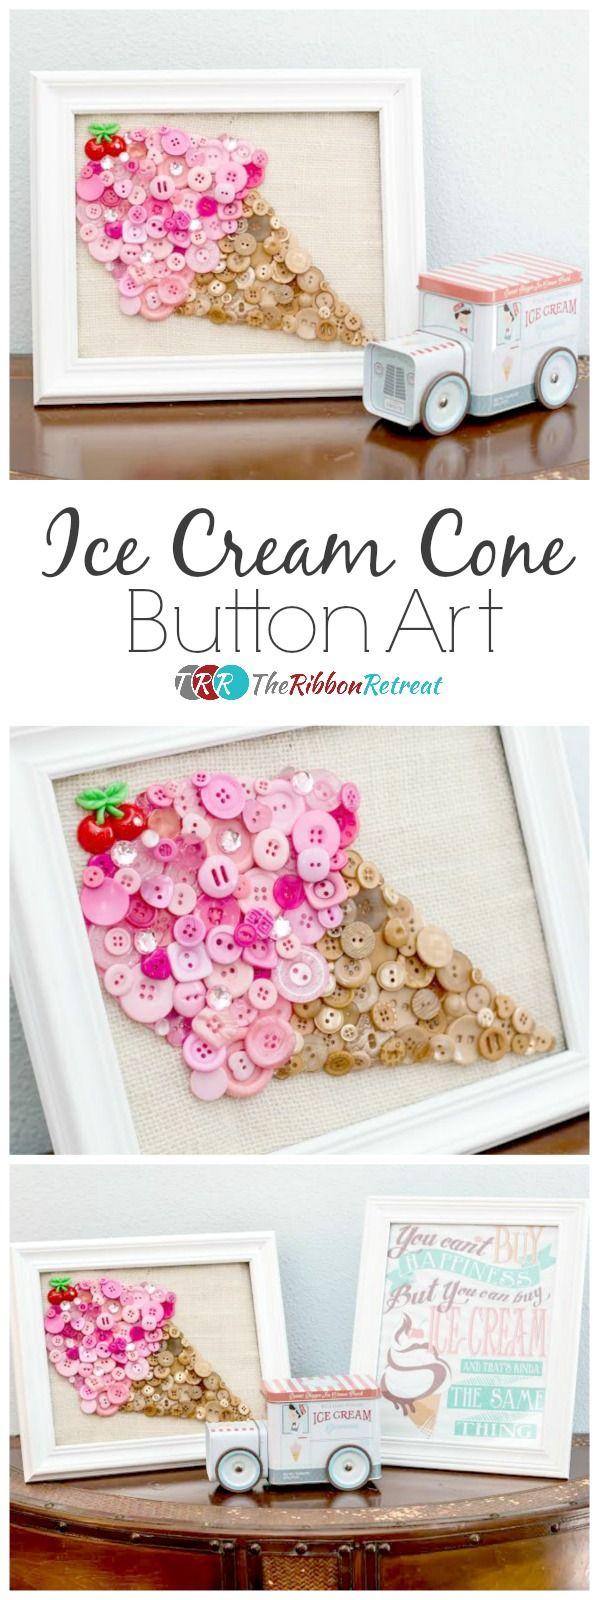 Ice Cream Cone Button Art - The Ribbon Retreat Blog